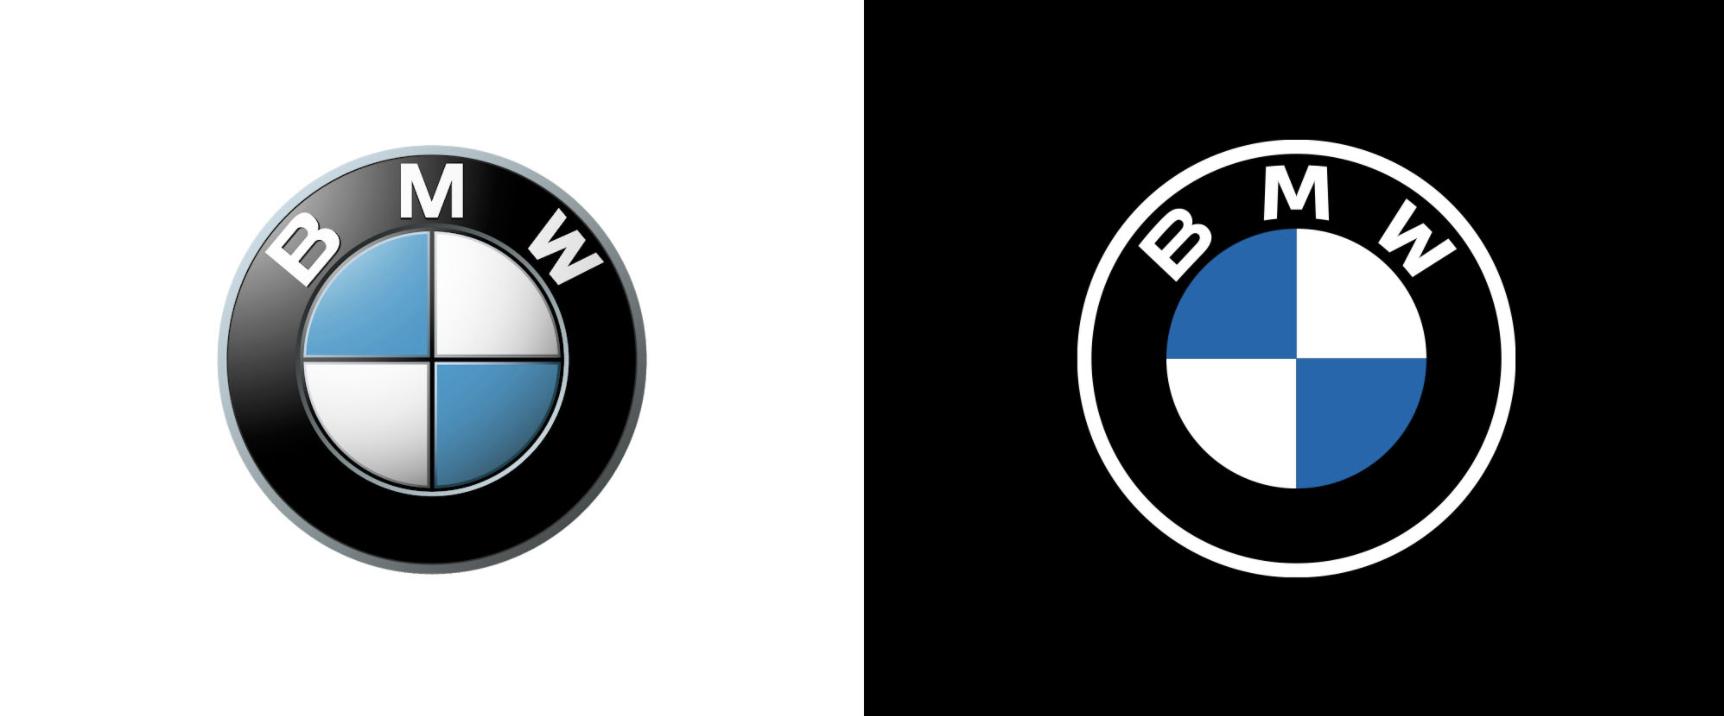 Auto brand trends: BMW logo